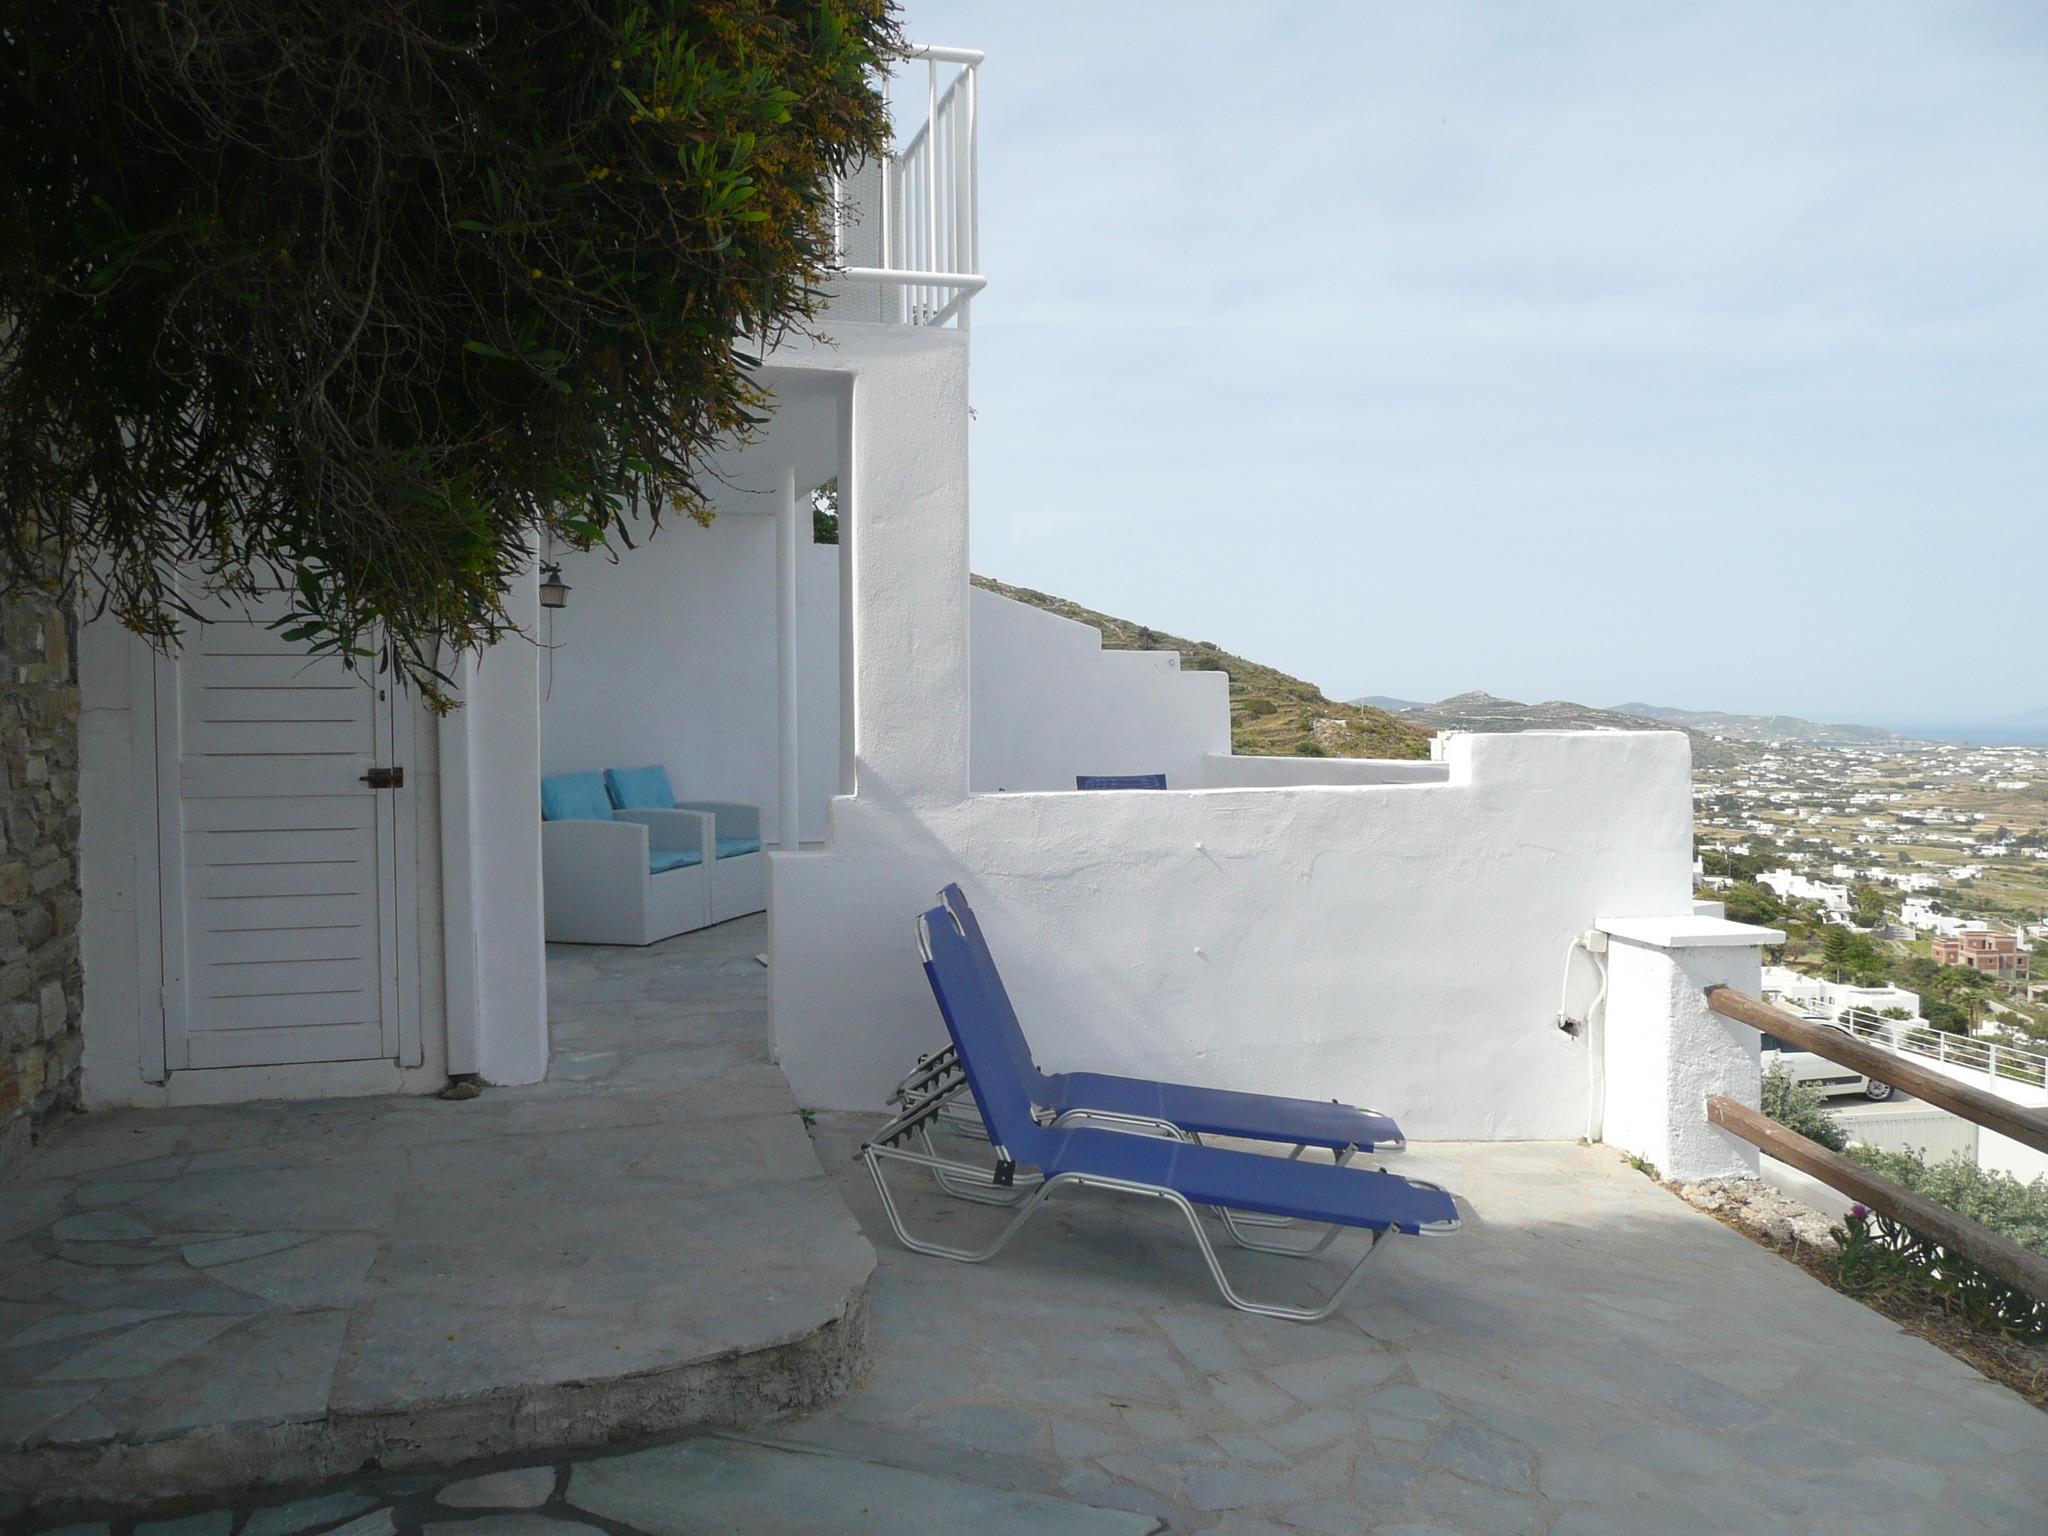 Ferienhaus Villa im Kykladen-Stil auf Paros (Griechenland), mit 2 Schlafzimmern, Gemeinschaftspool &  (2201782), Paros, Paros, Kykladen, Griechenland, Bild 18